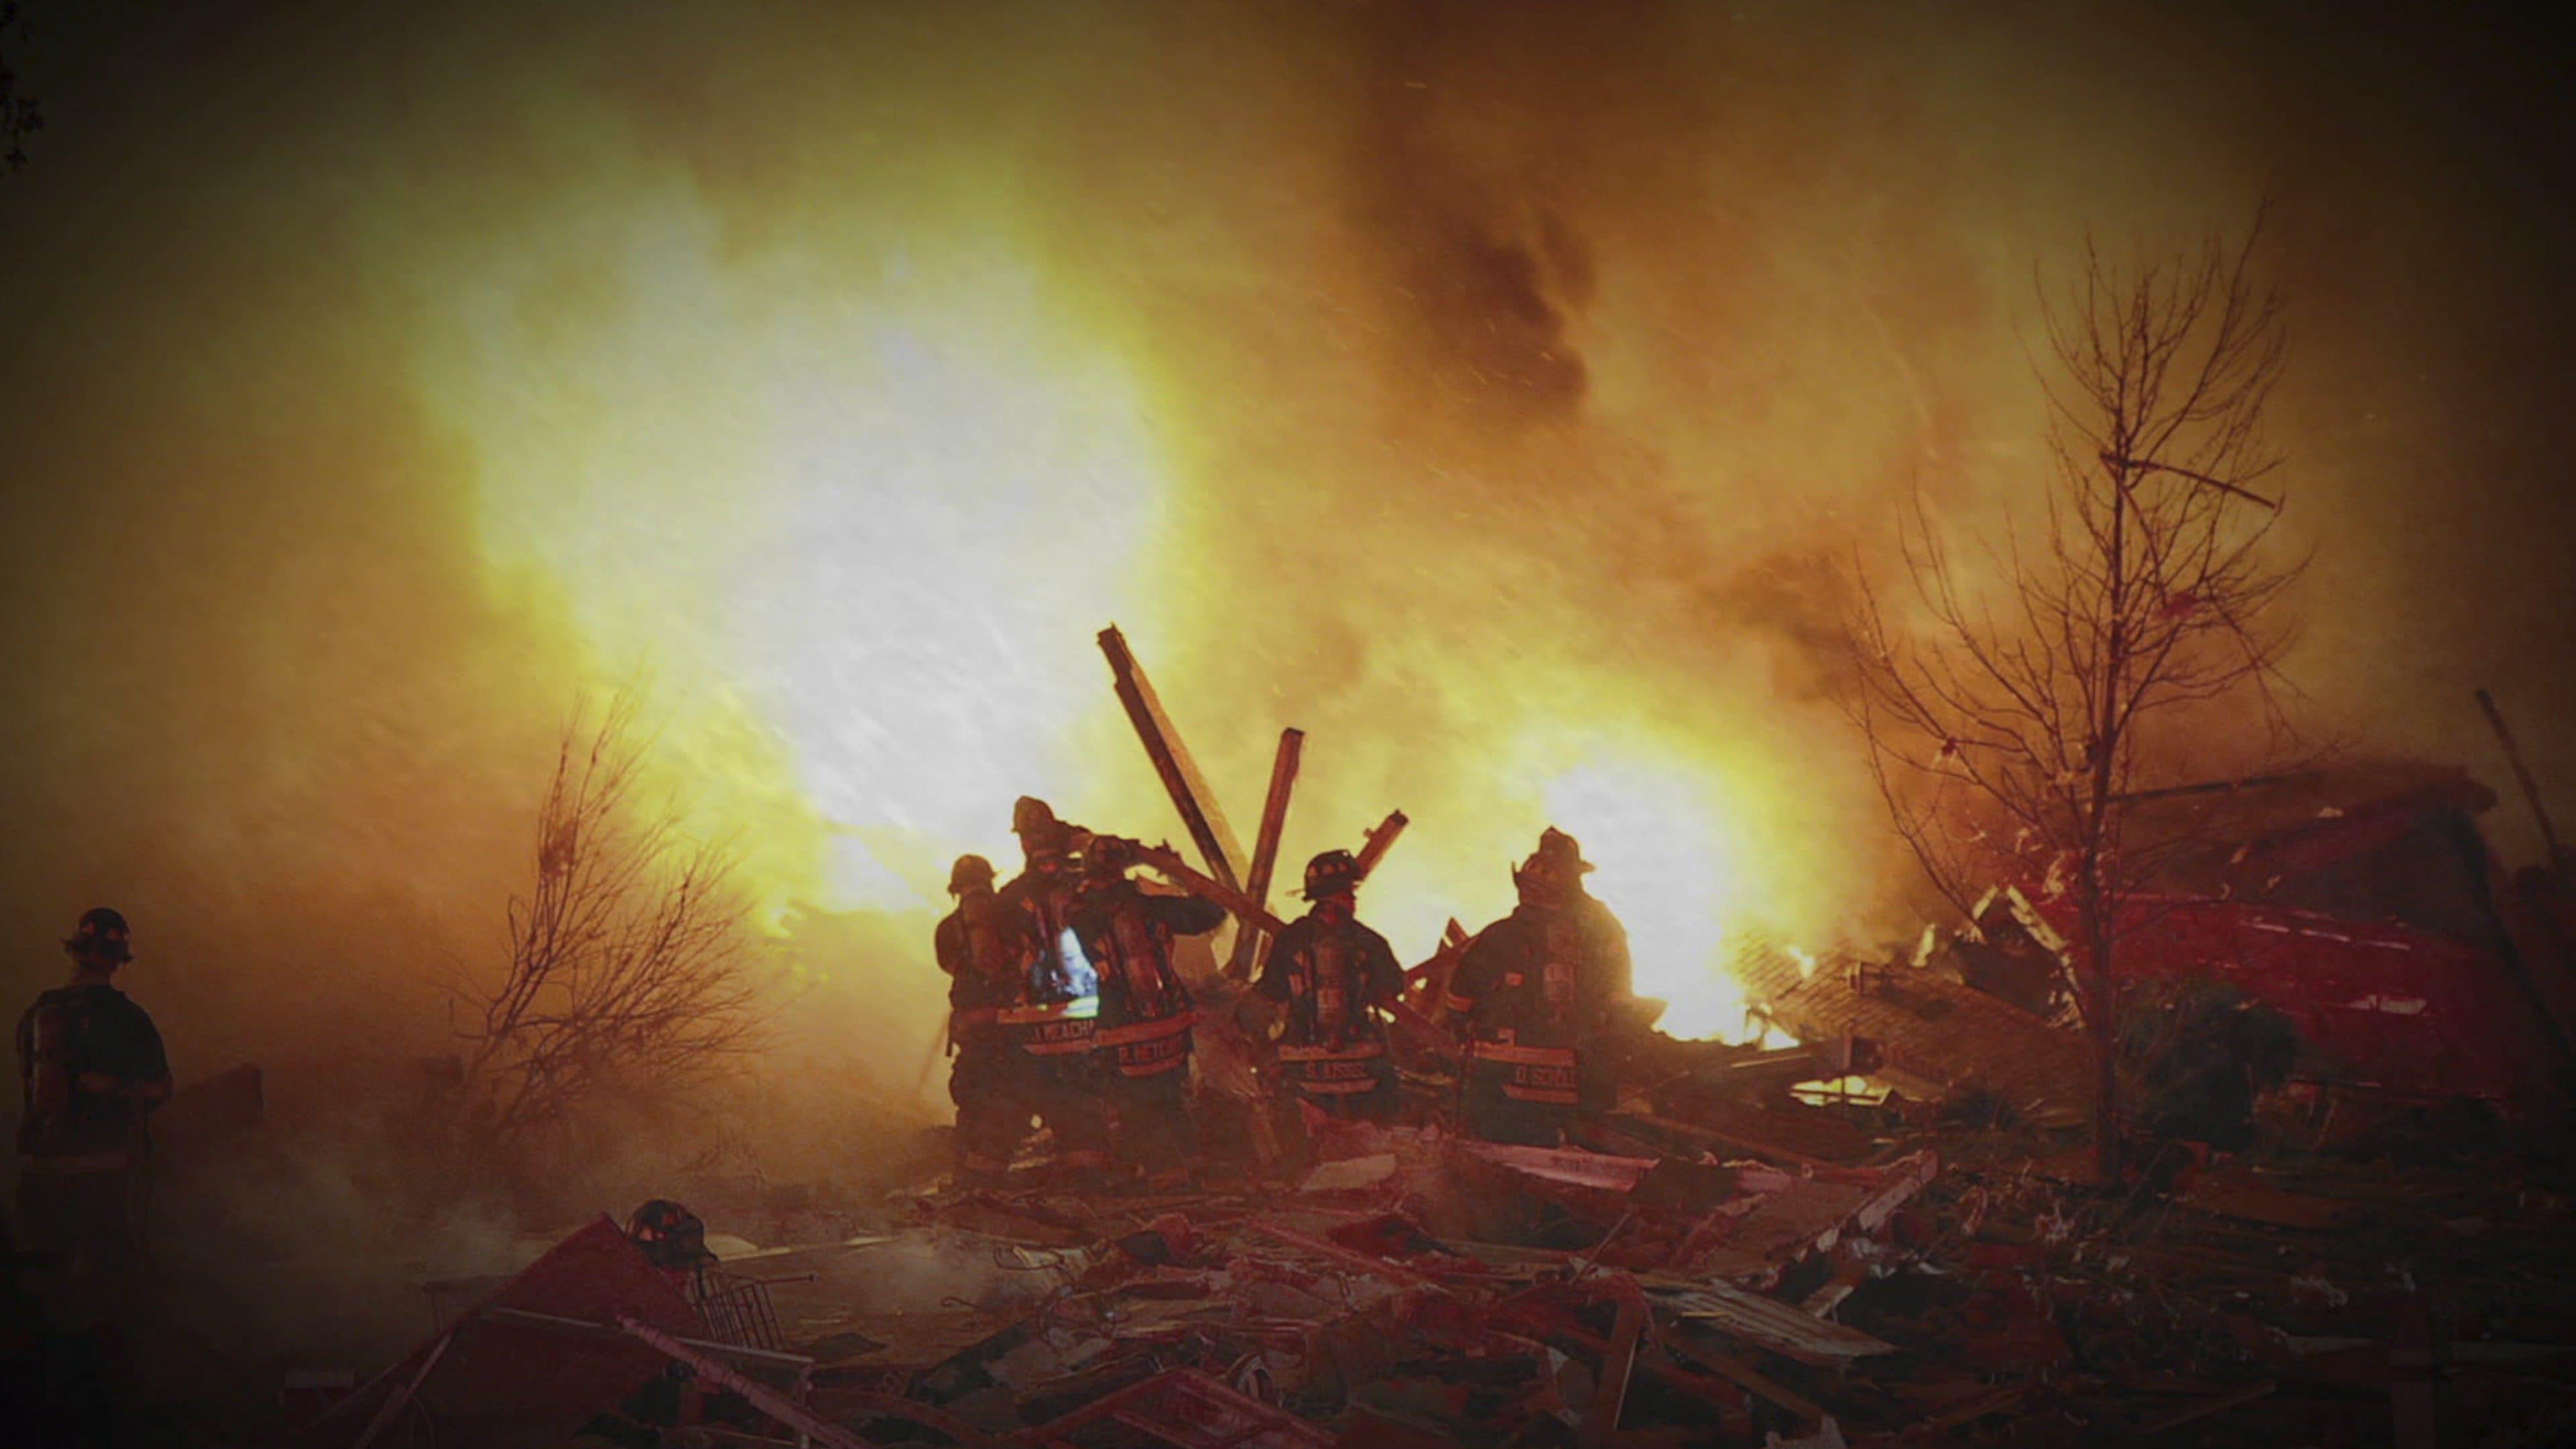 Neighborhood Inferno